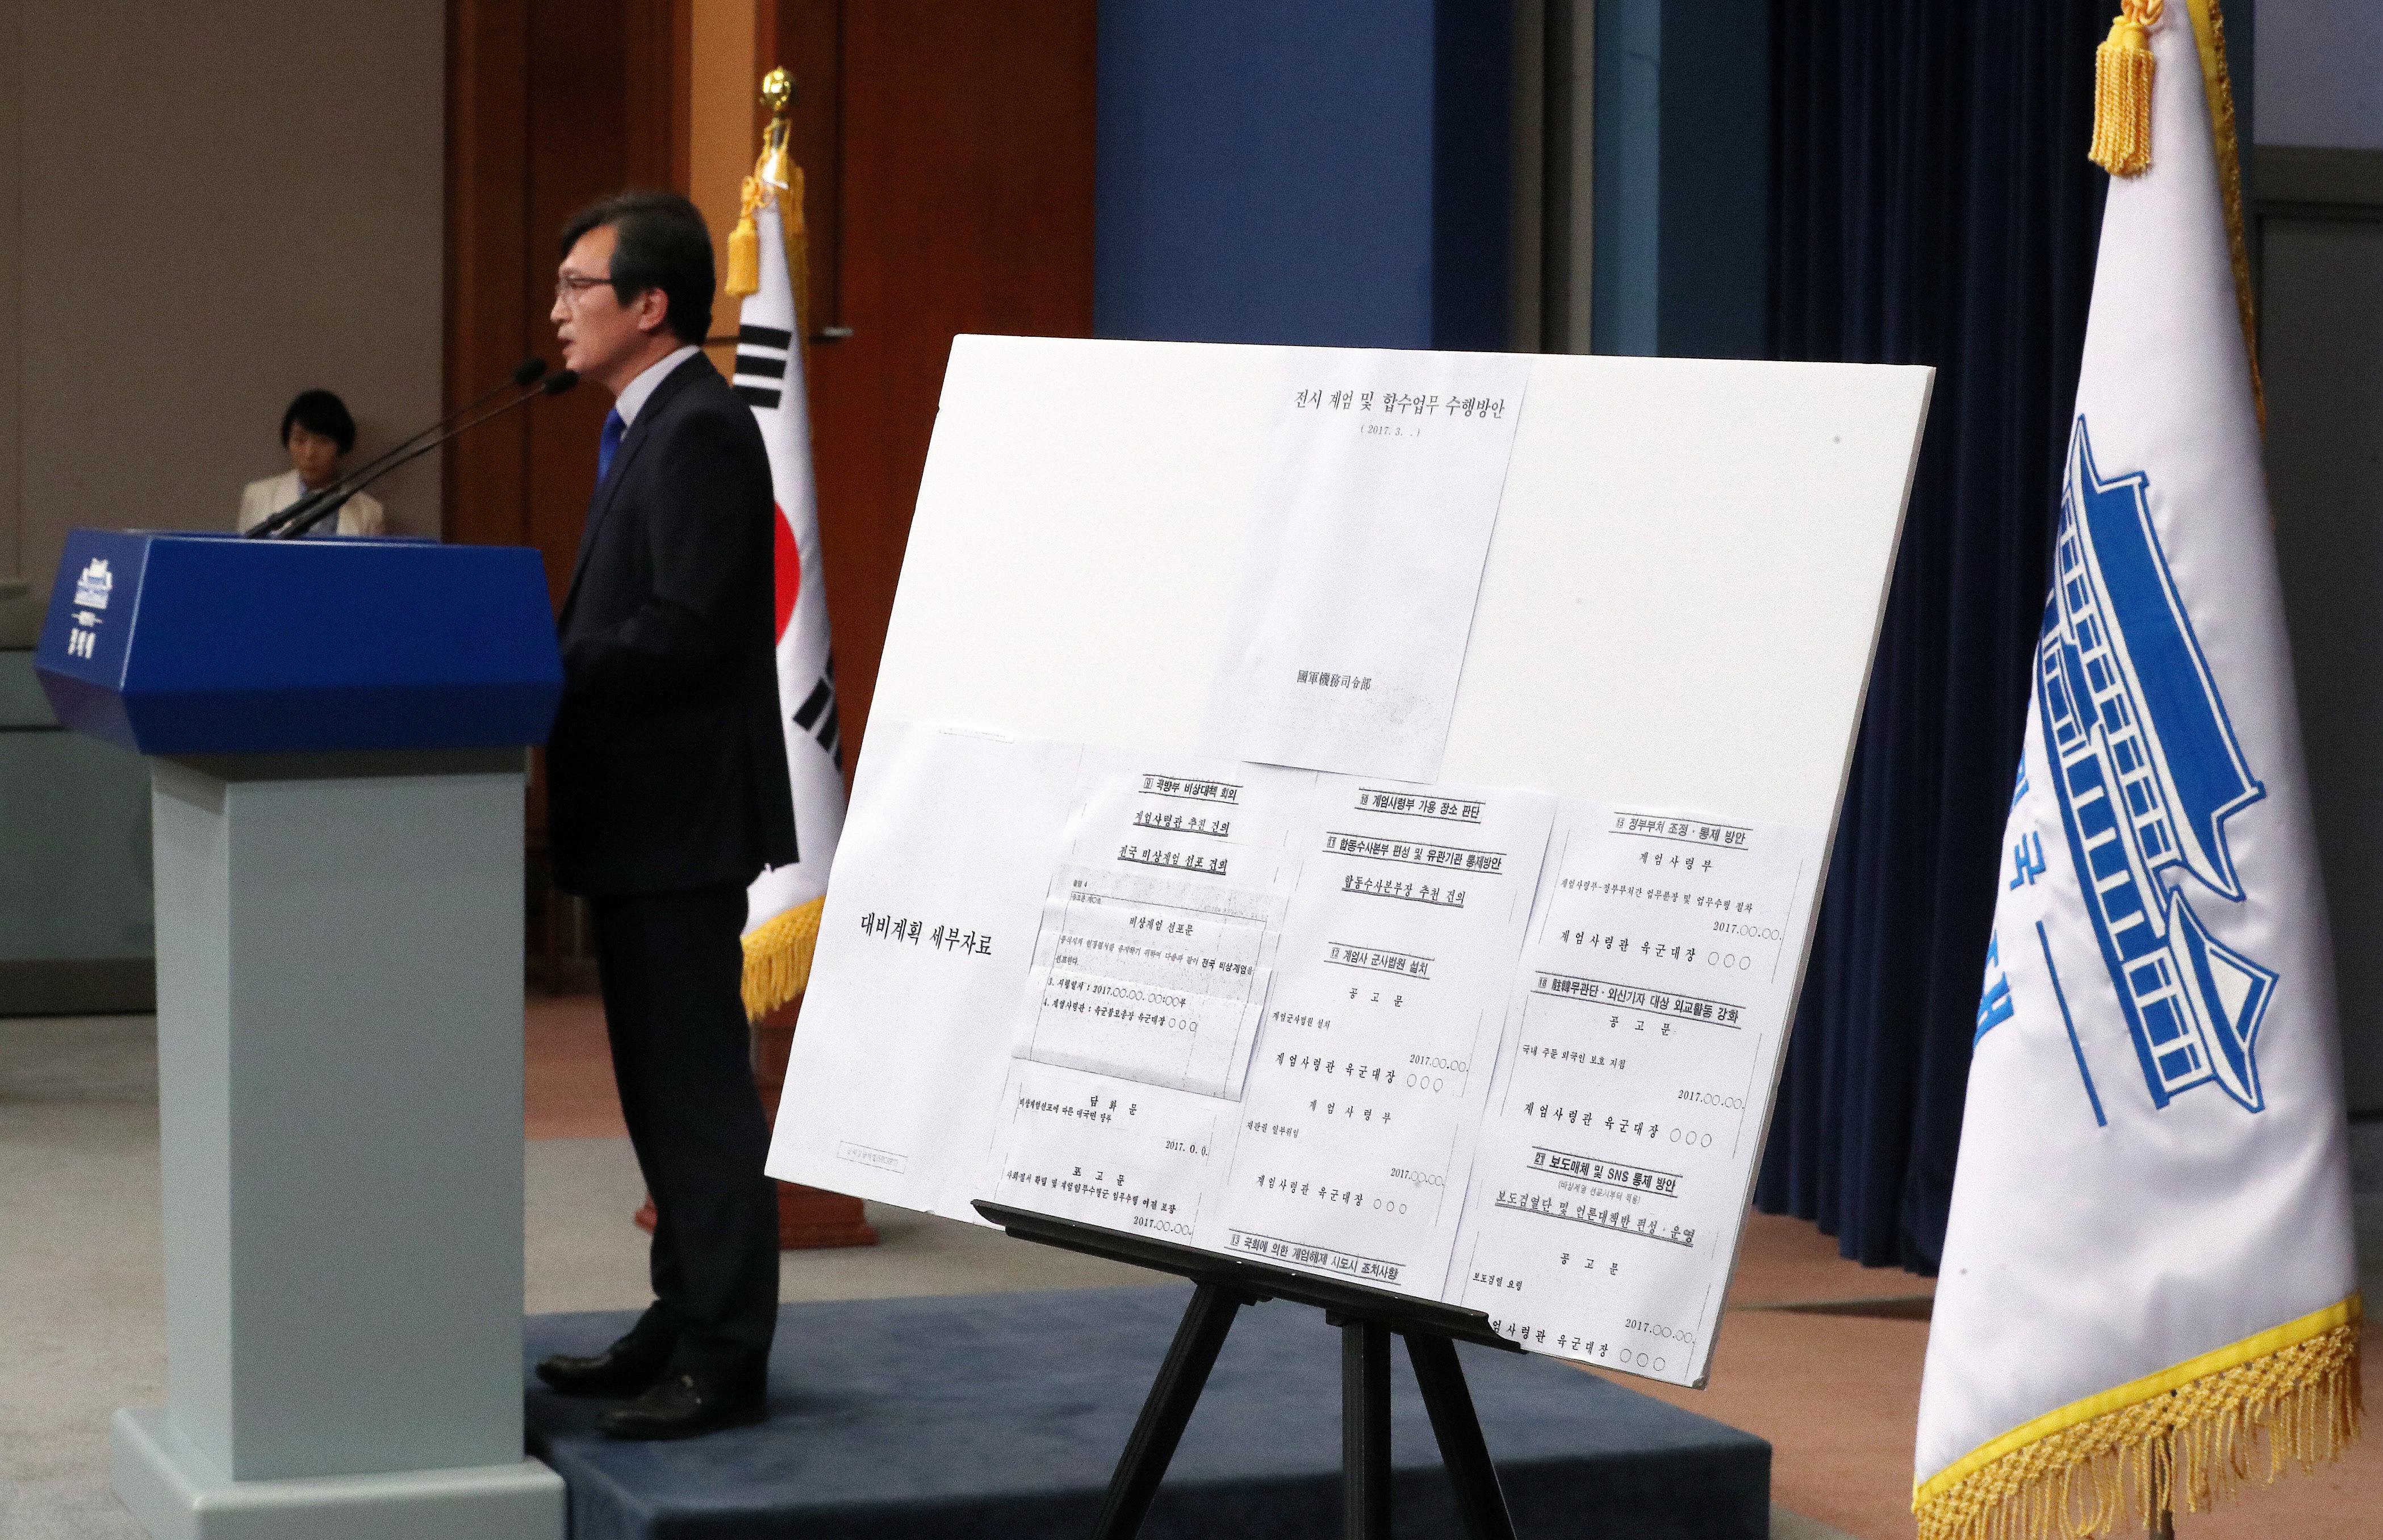 청와대가 기무사 계엄 문건의 세부자료를 공개했다